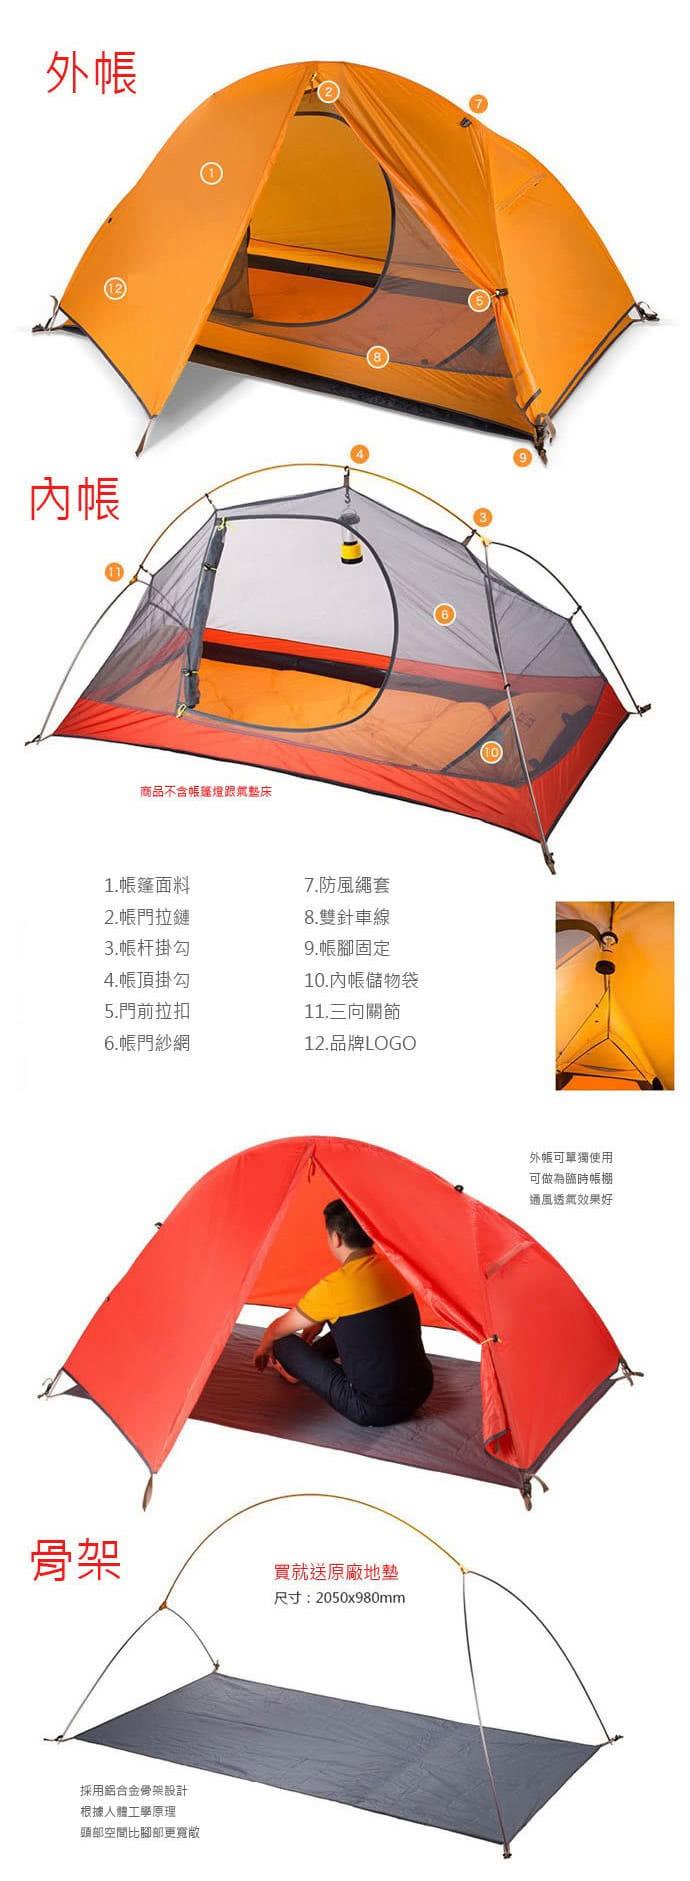 雲尚 20D 矽膠布 單人雙層帳篷 鋁合金帳篷 單人帳篷 登山帳篷 2